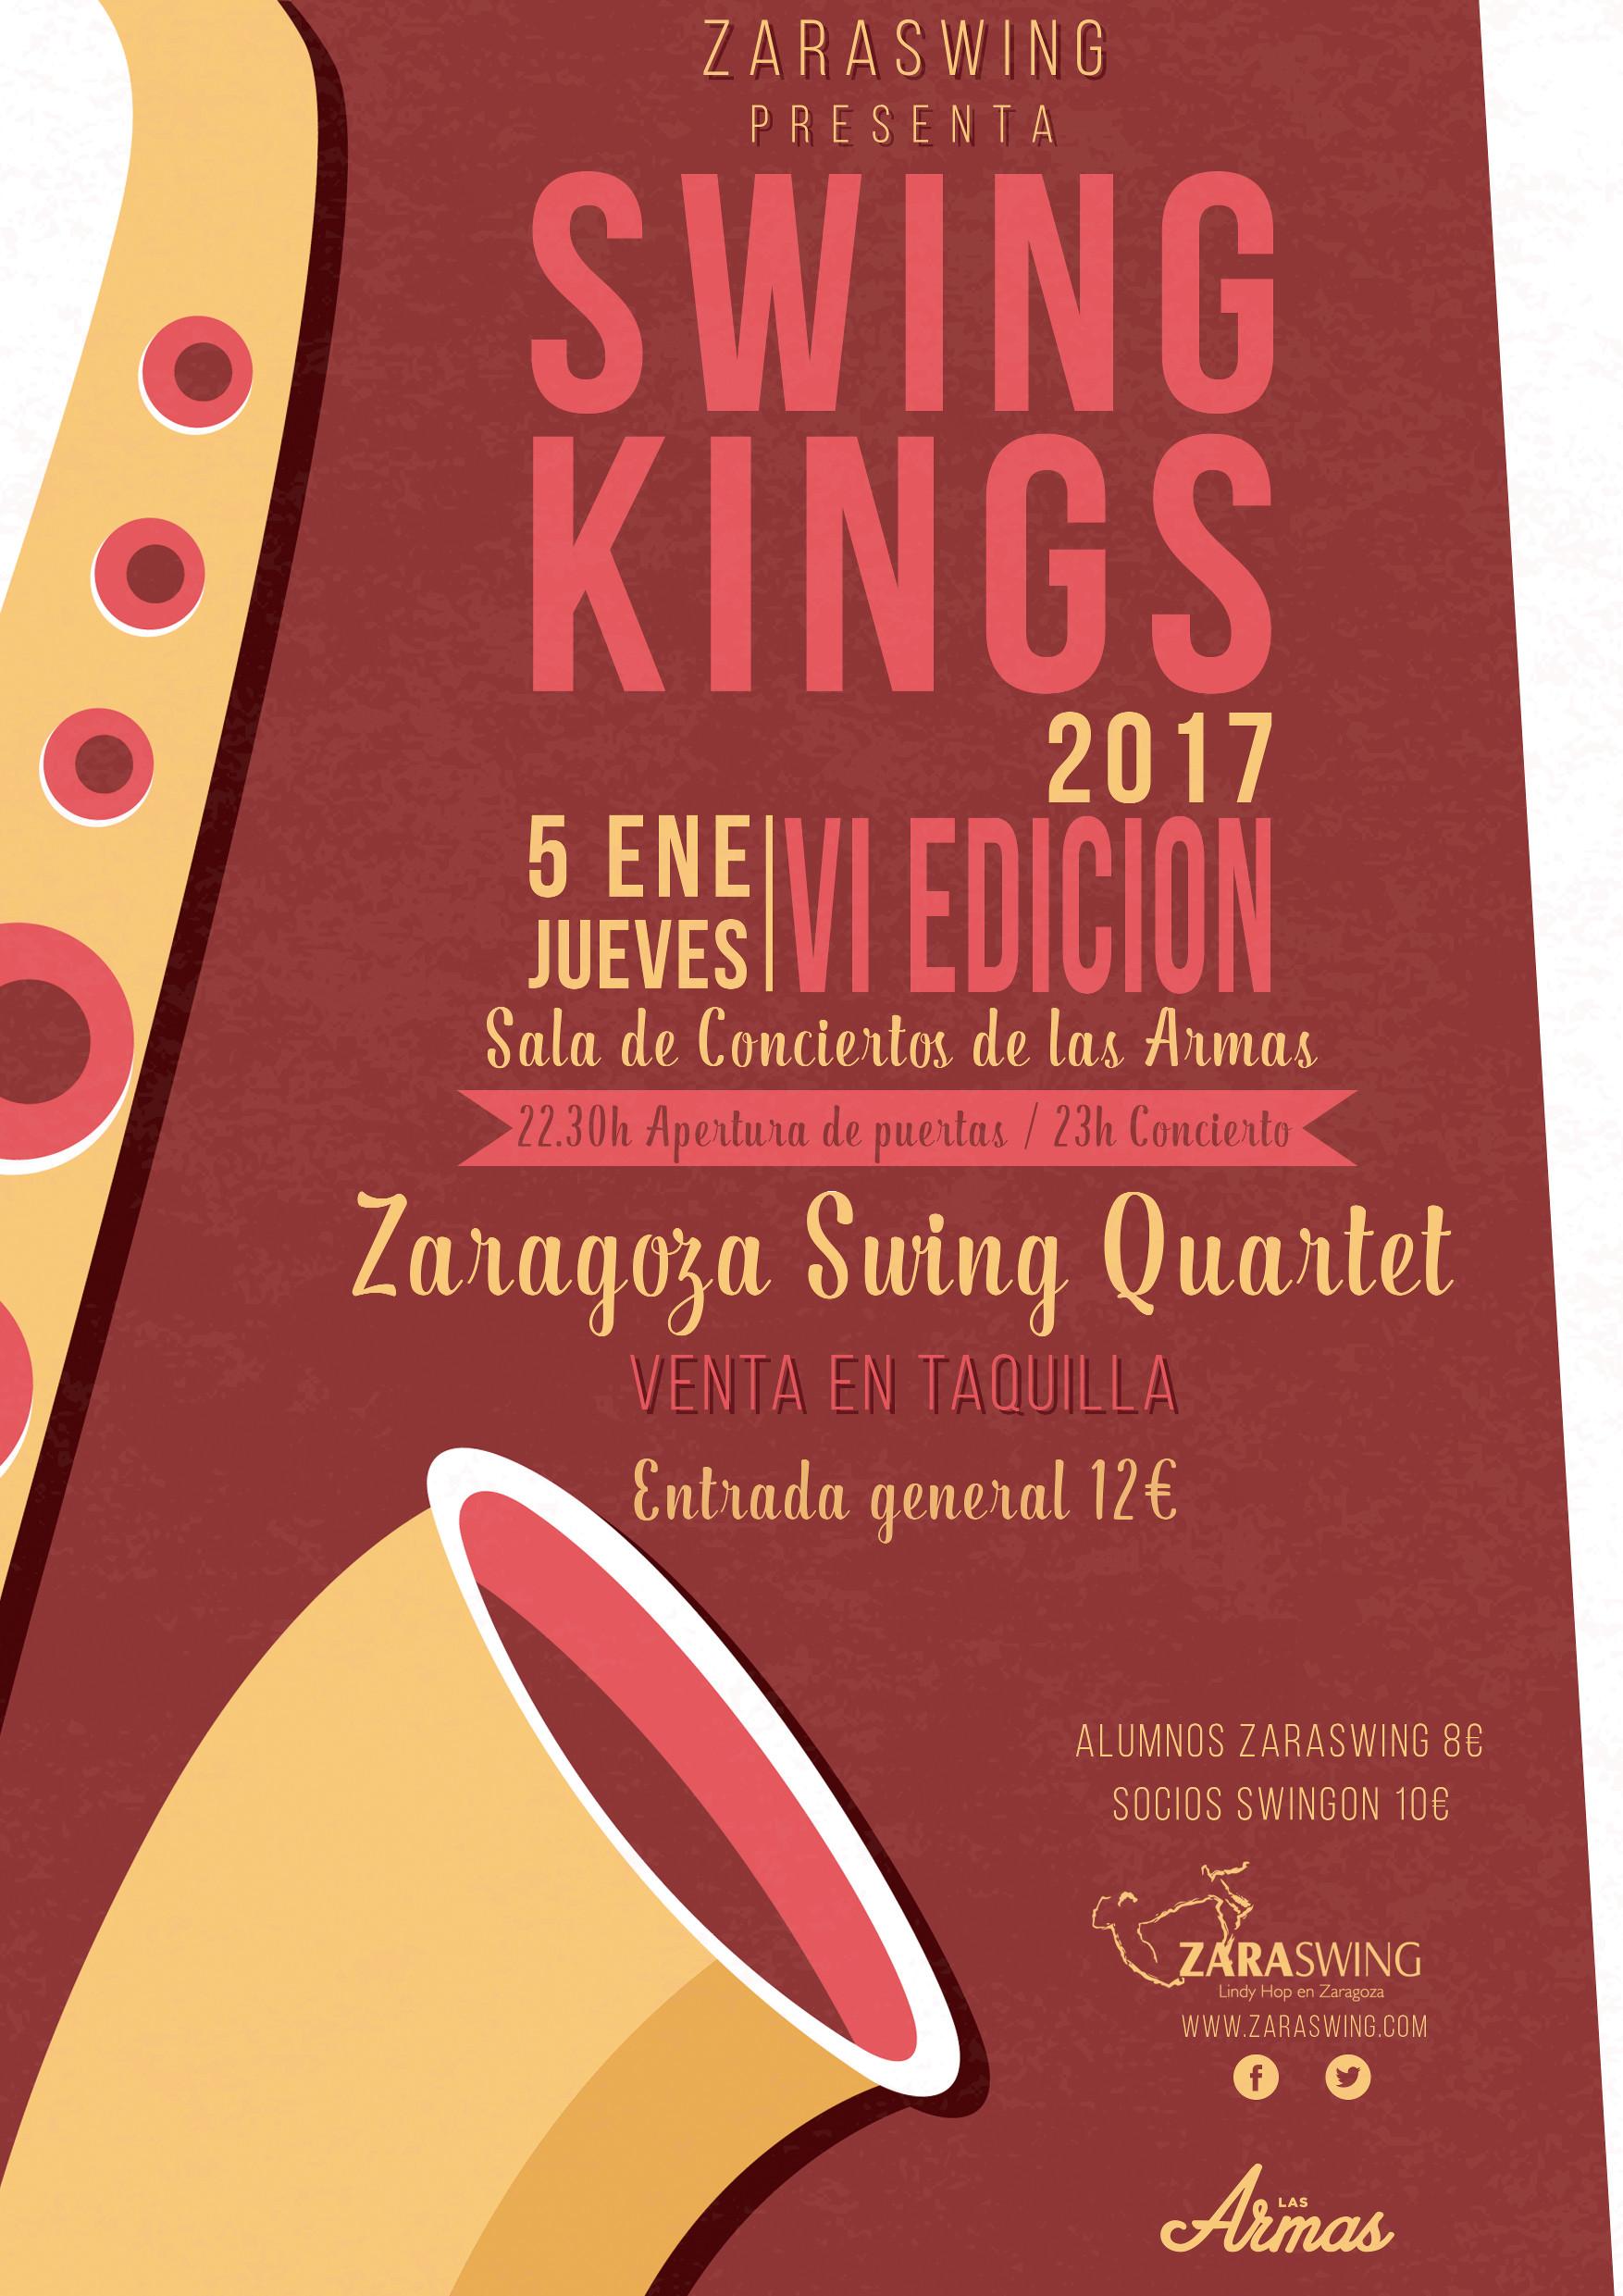 SwingKings_Small